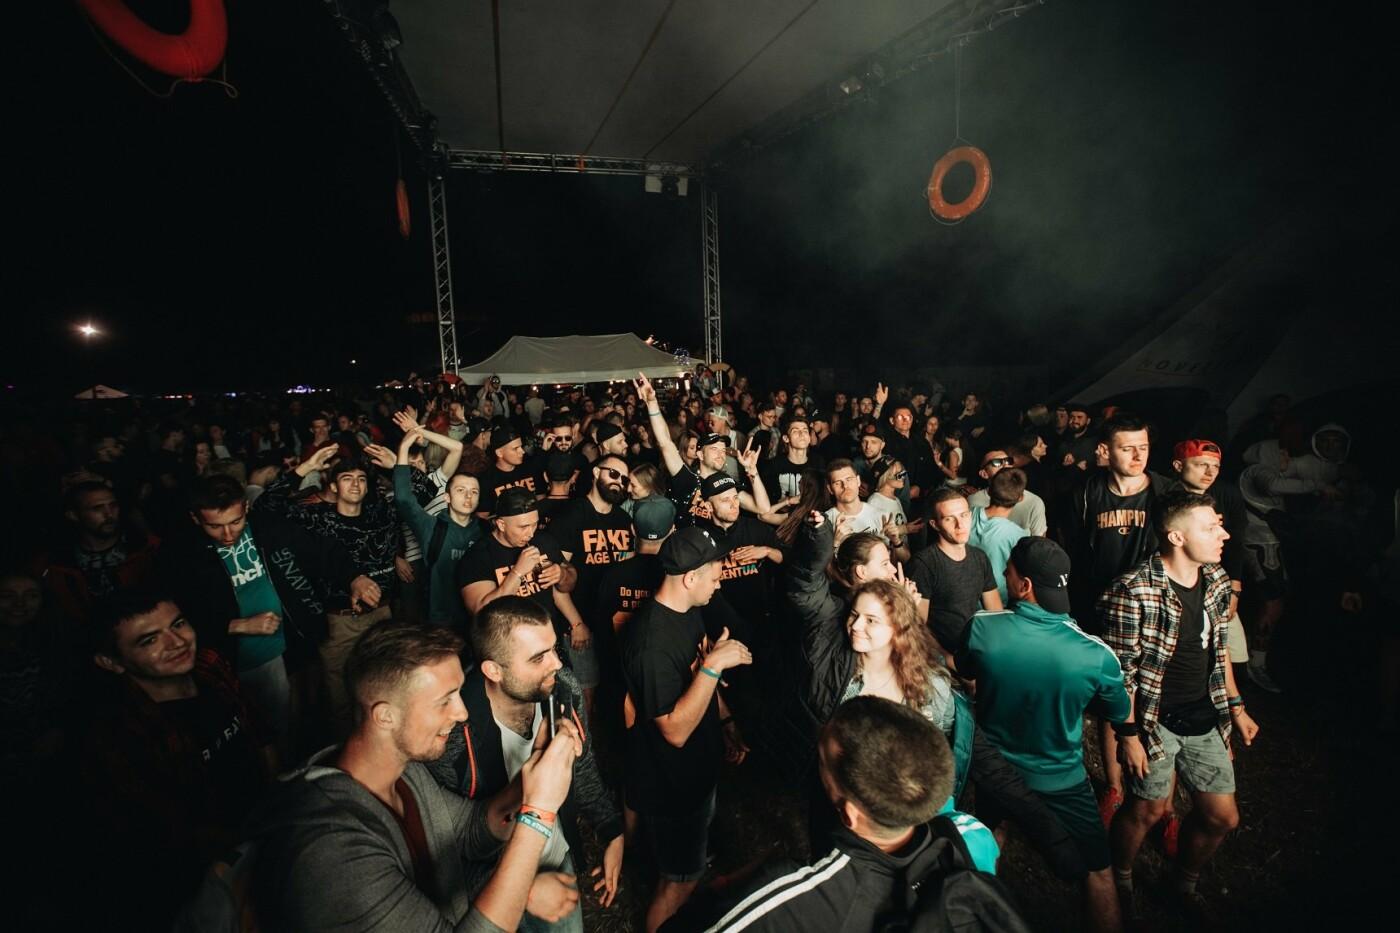 Пропозиція руки та серця, танці до світанку: нічне життя Novellina Beach Stage (фоторепортаж), фото-2